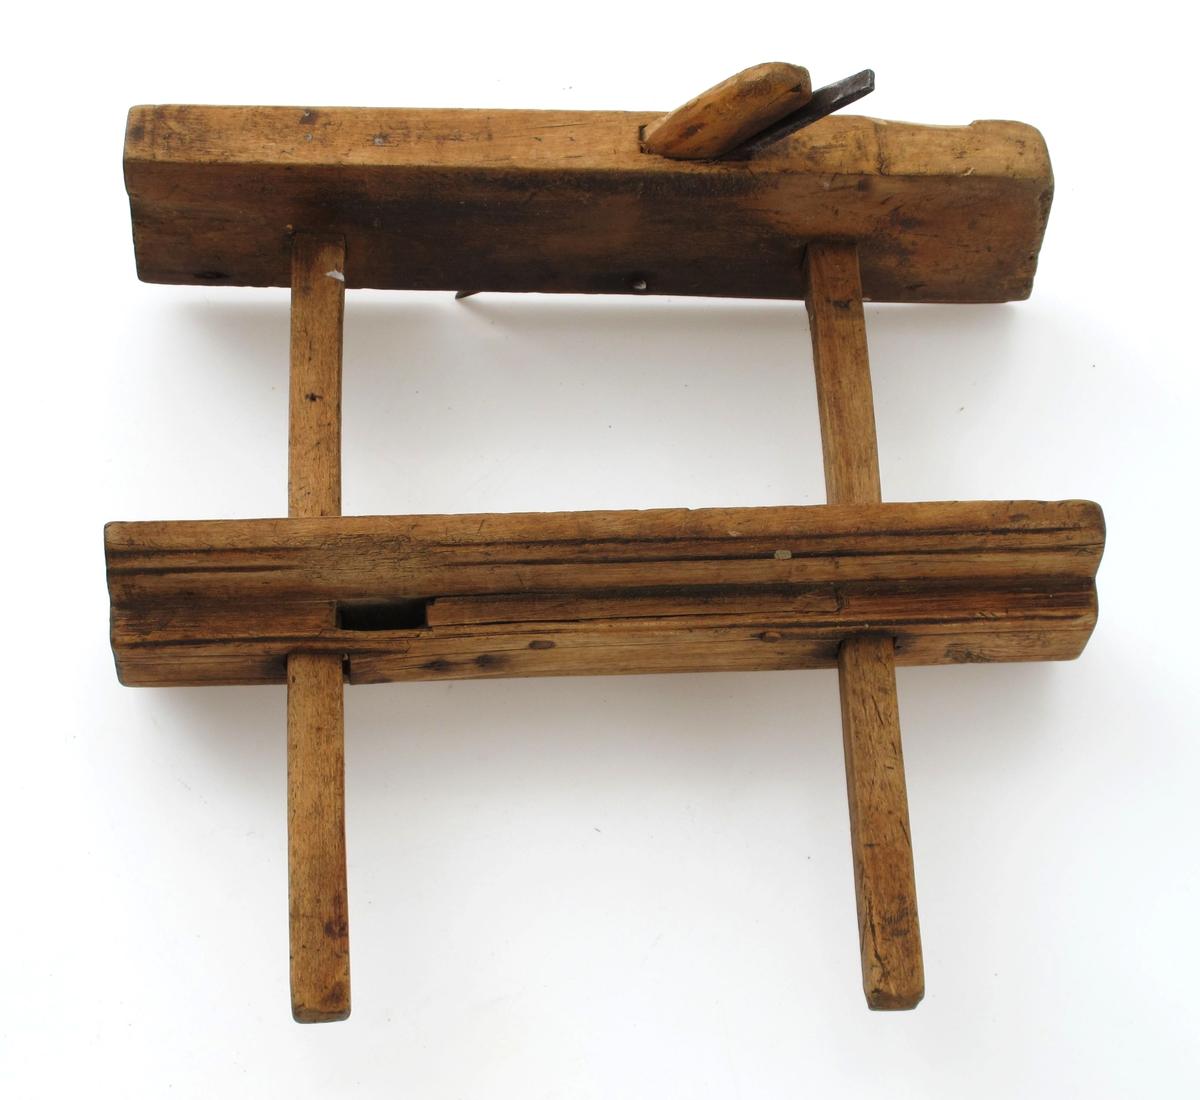 Høvel,  av løvtre , jern.   Nothøvel med langsgående blad og smalt tverrstilt  blad pm. To firkantede sidestenger. Tilstand: rusten, avskavet i sålen.